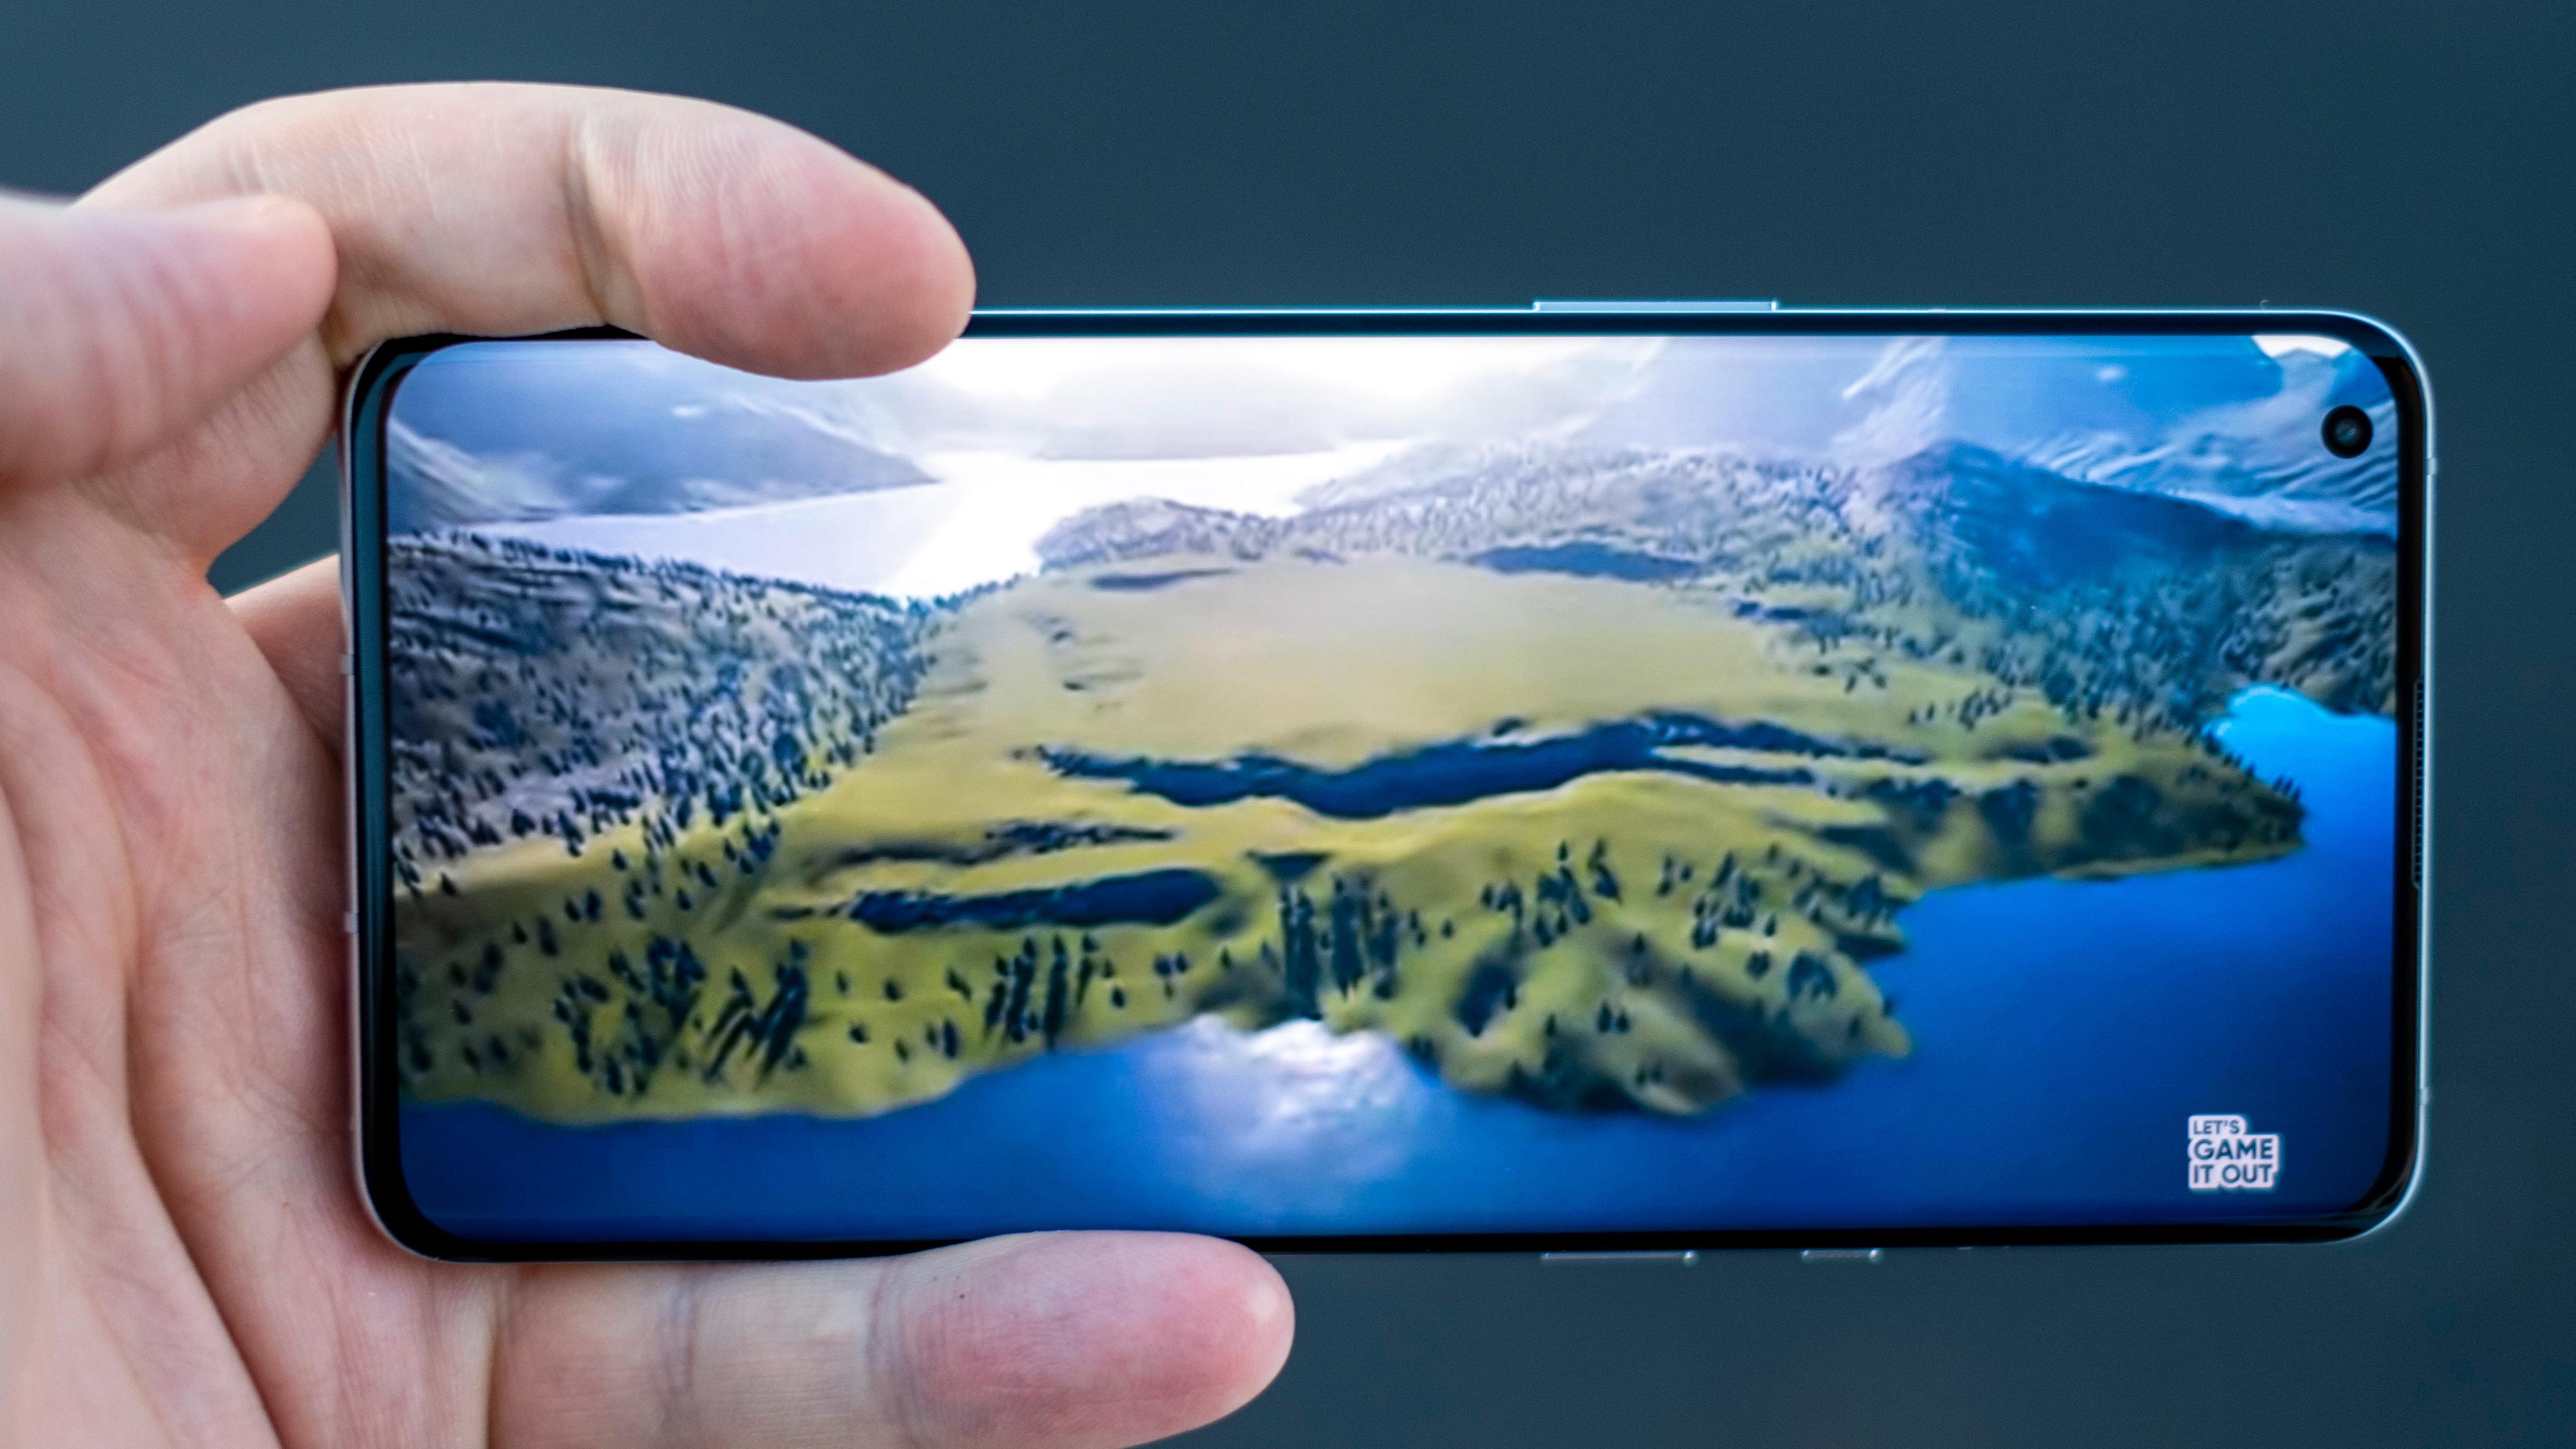 En utmerket skjerm hører til. OnePlus var blant de første som satset på raske skjermer - og de gir en meget god opplevelse når du spiller eller ser på film. Også helt vanlig blaing i menyer påvirkes positivt.